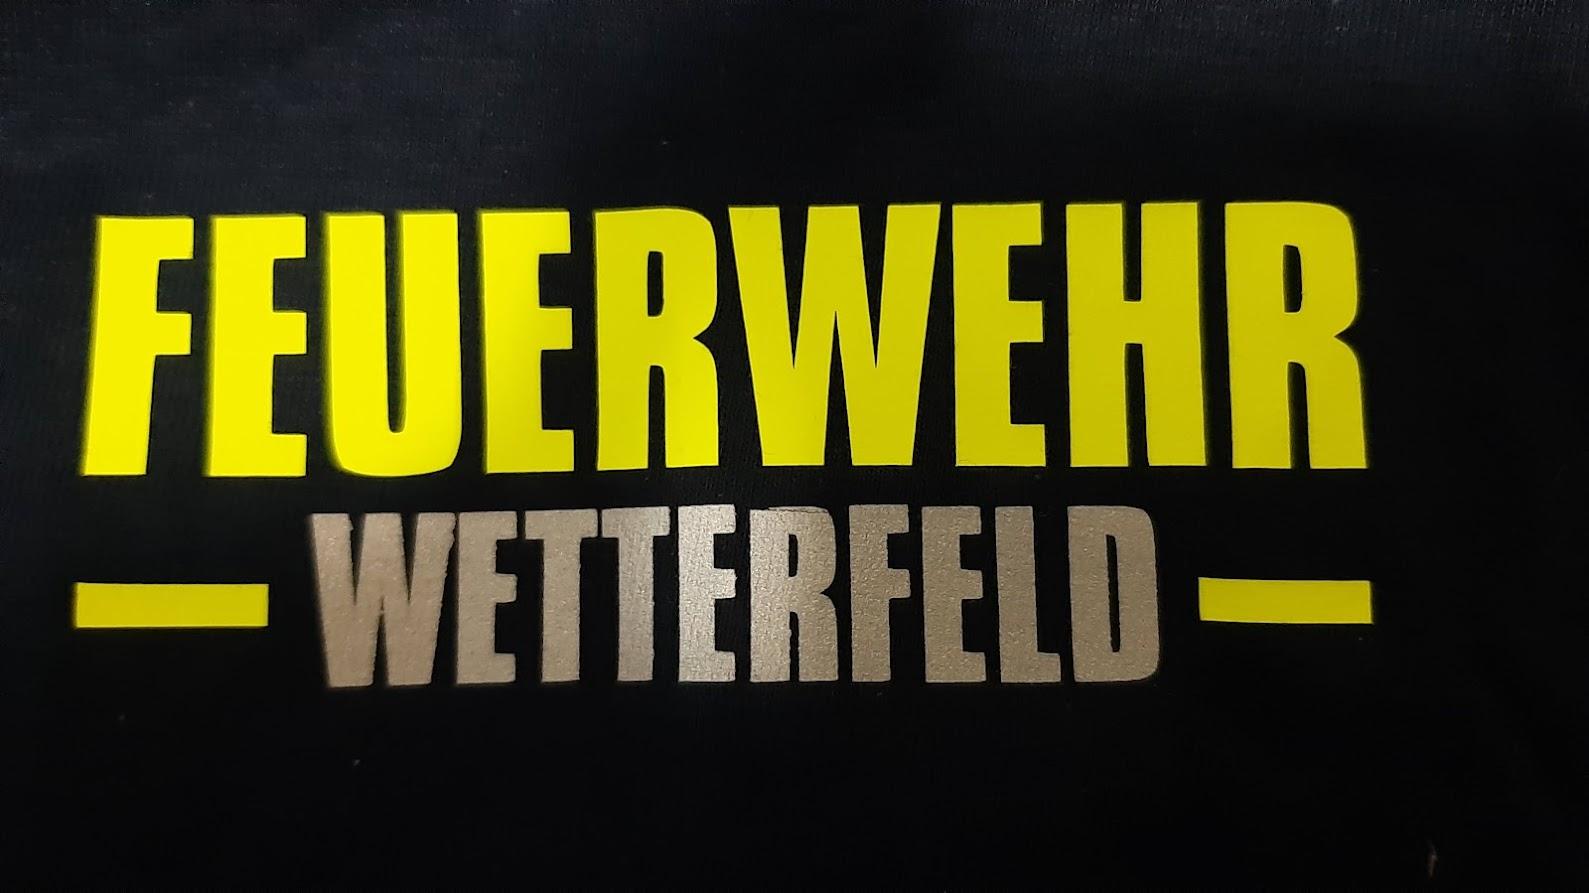 Feuerwehr Wetterfeld 1